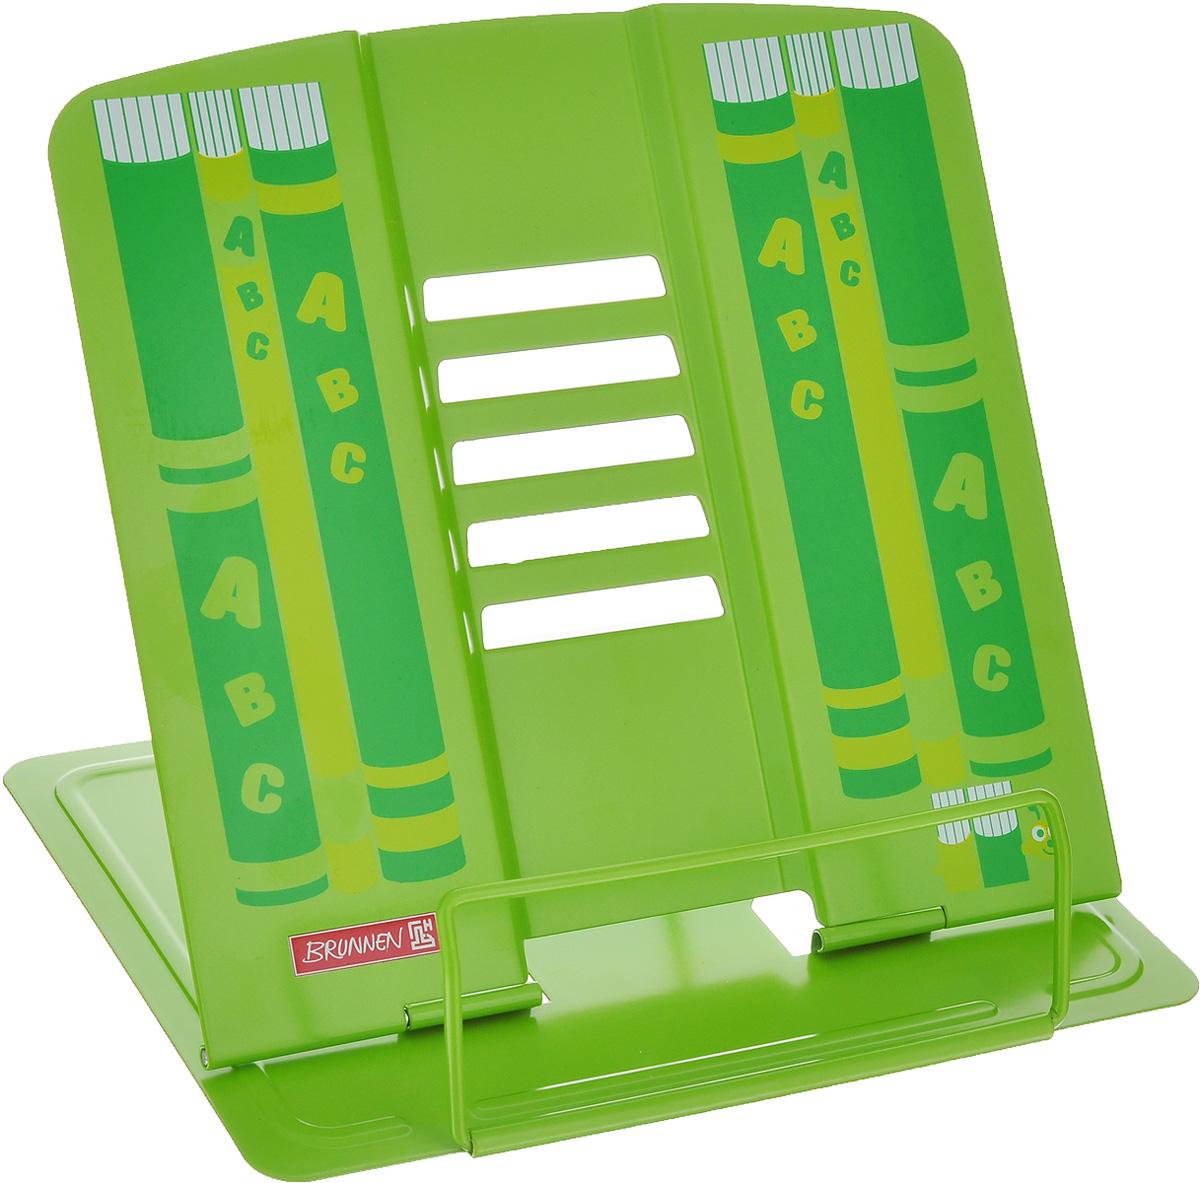 Подставка для учебников Brunnen, цвет: зеленый40401\BCD_зеленыйПодставка Brunnen, выполненная из металла, предназначена для книг и учебников. Подставка оснащена упором, благодаря которому она имеет несколько углов наклона. Яркая подставка с изображением книг станет для ребенка незаменимым аксессуаром в период обучения. Размер (в разложенном виде): 19,5 см х 22 см.